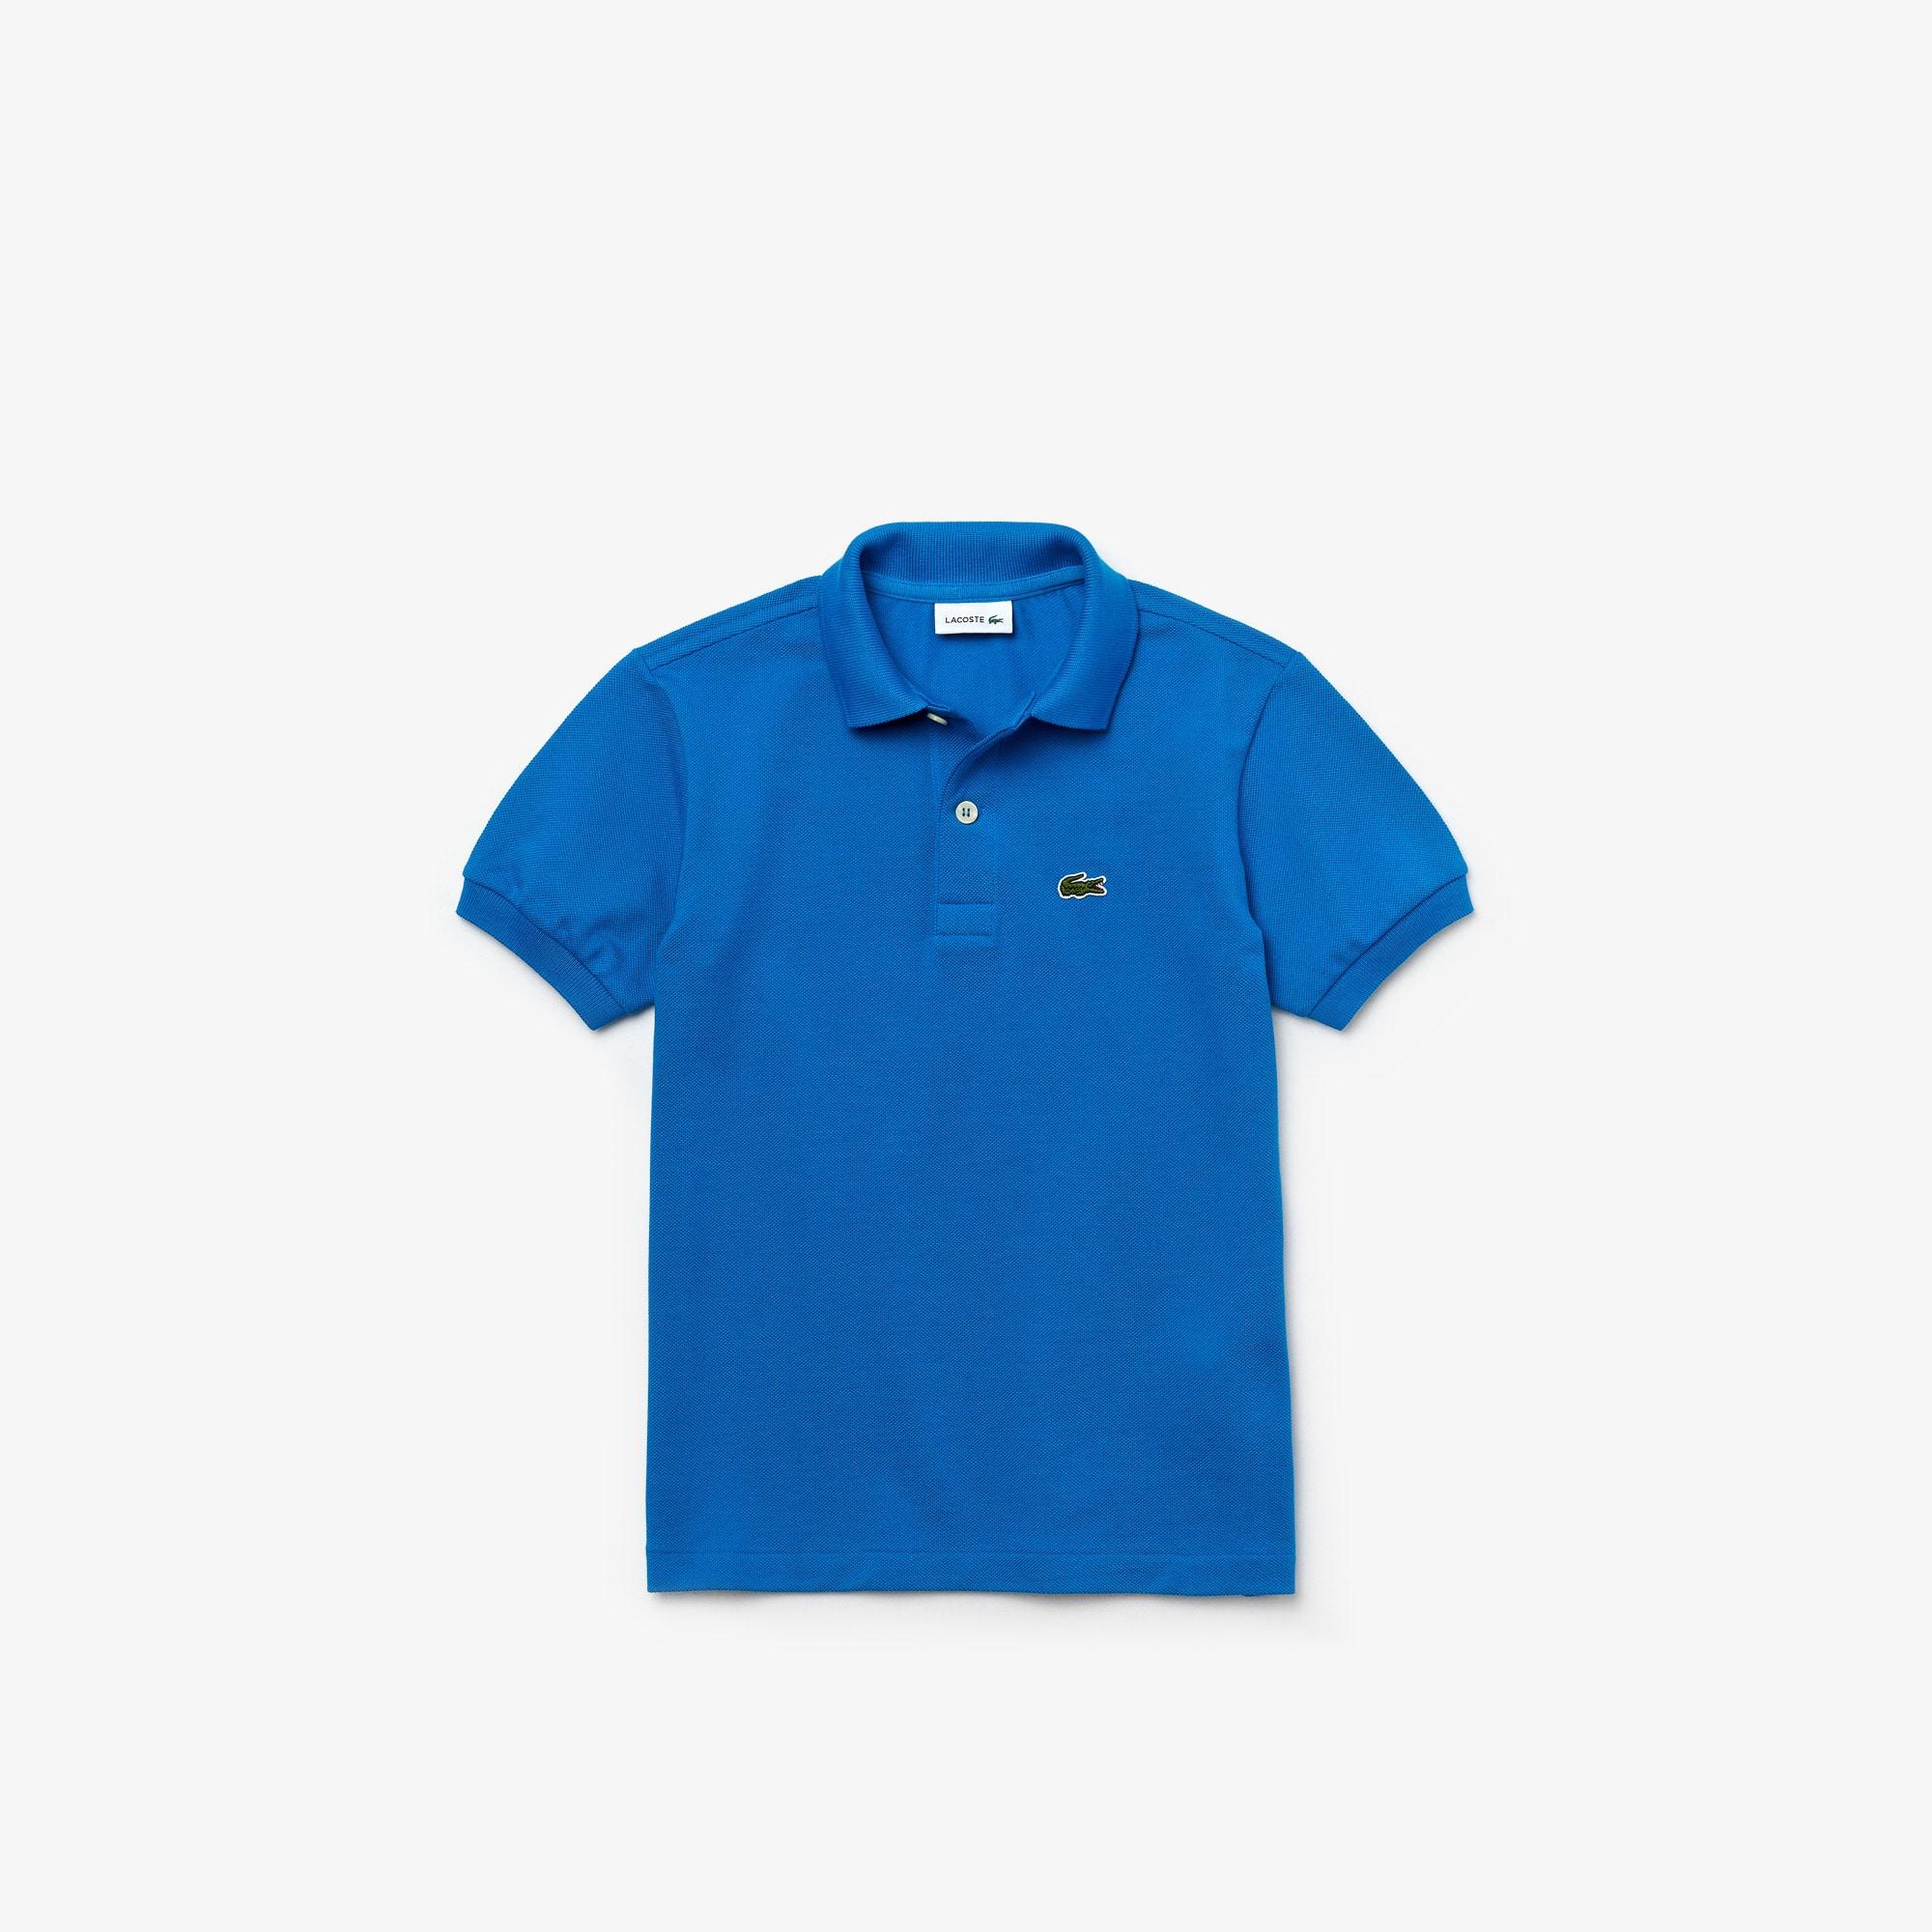 Polo Enfant Lacoste regular fit en petit piqué uni Taille 12 ans Bleu